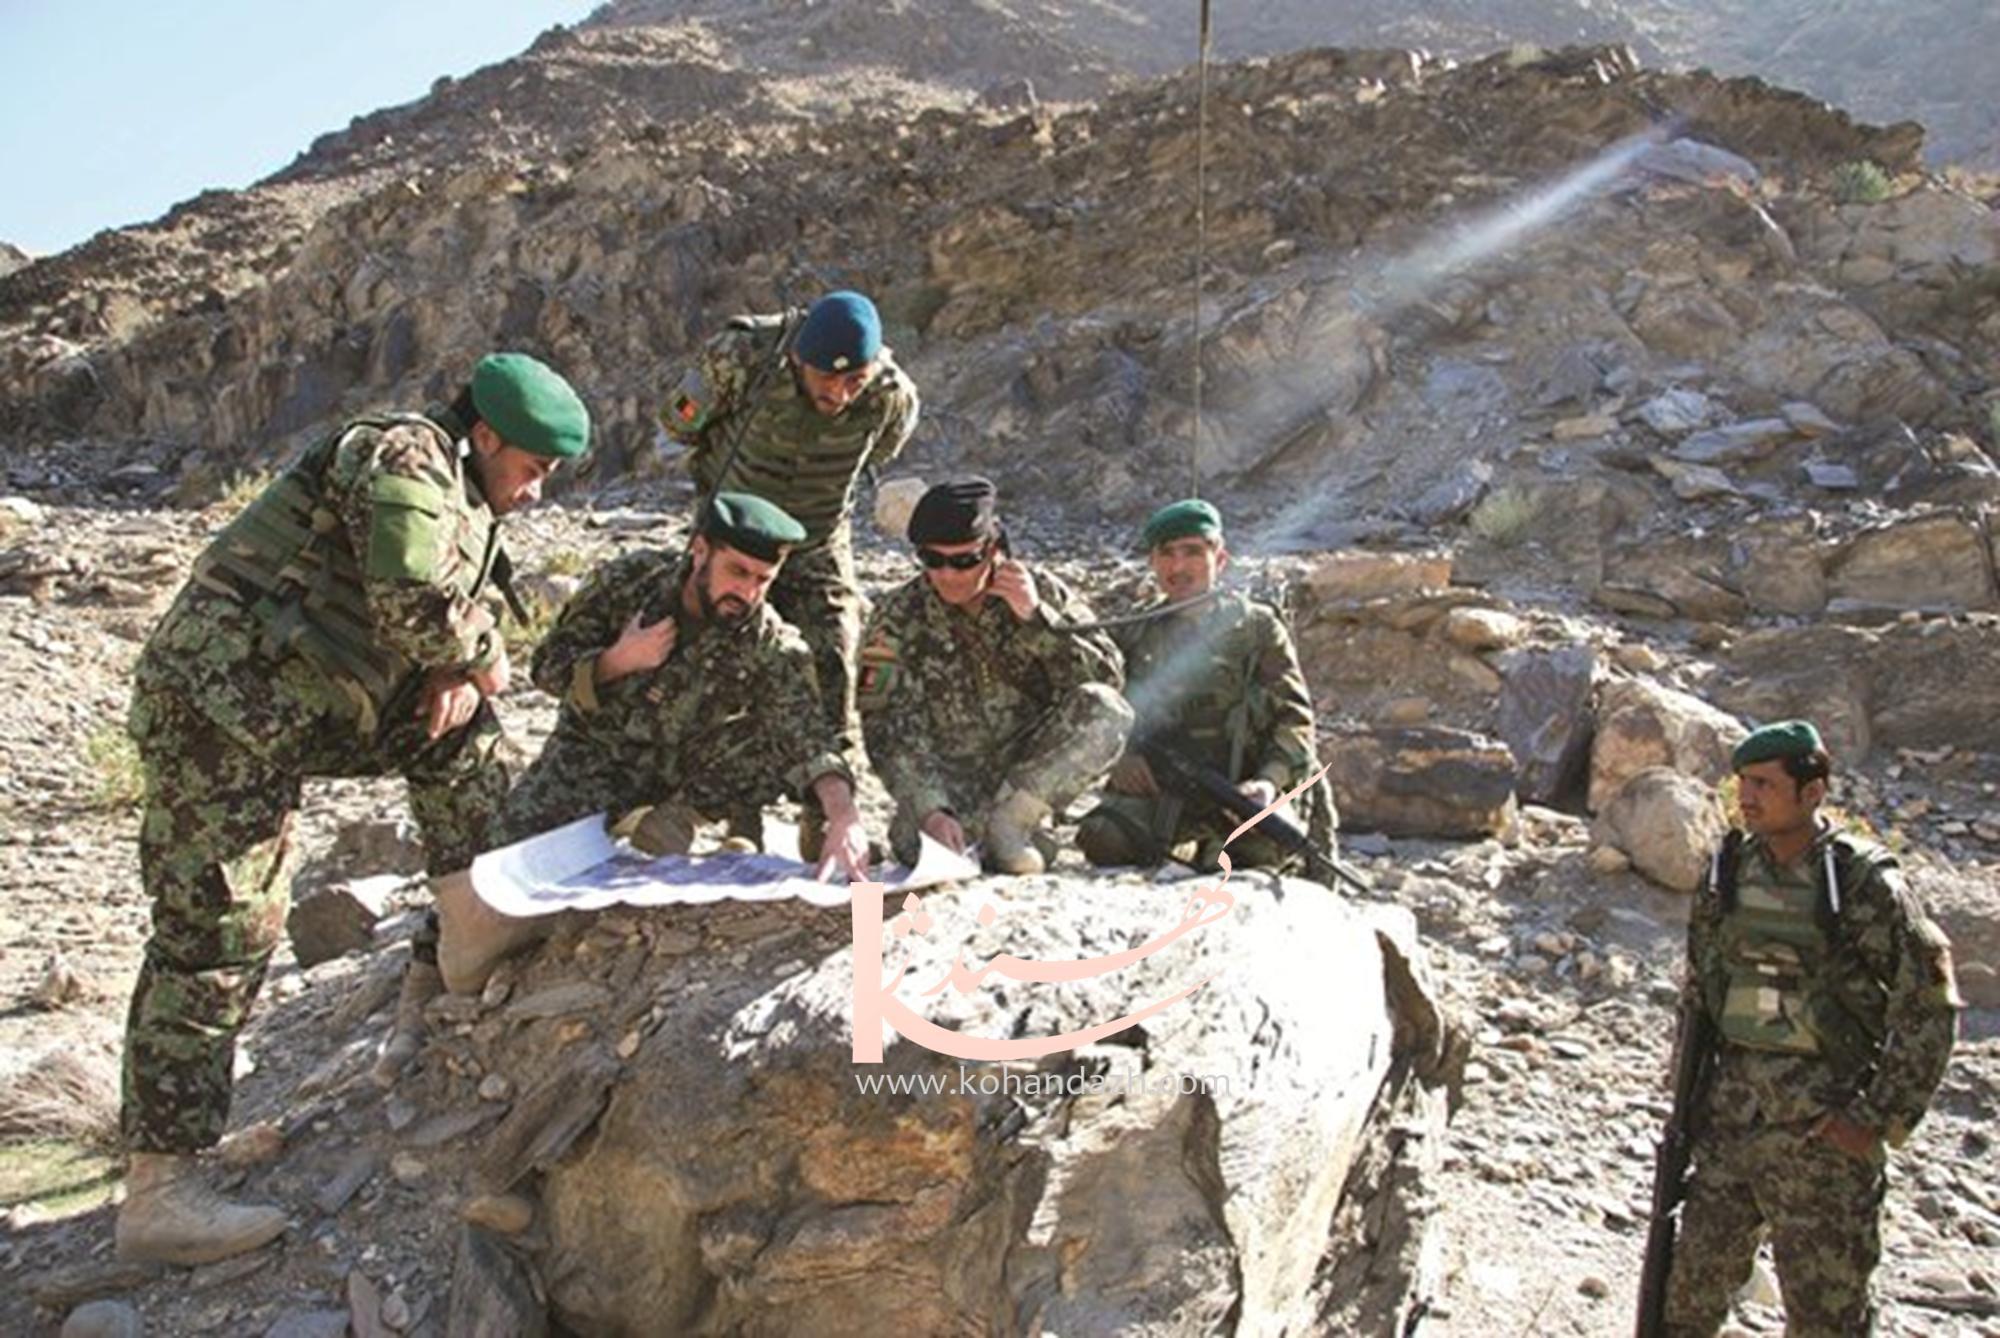 روزنامه افغانستان تازه ترین و سایت فرهنگی جوانان افغانستان